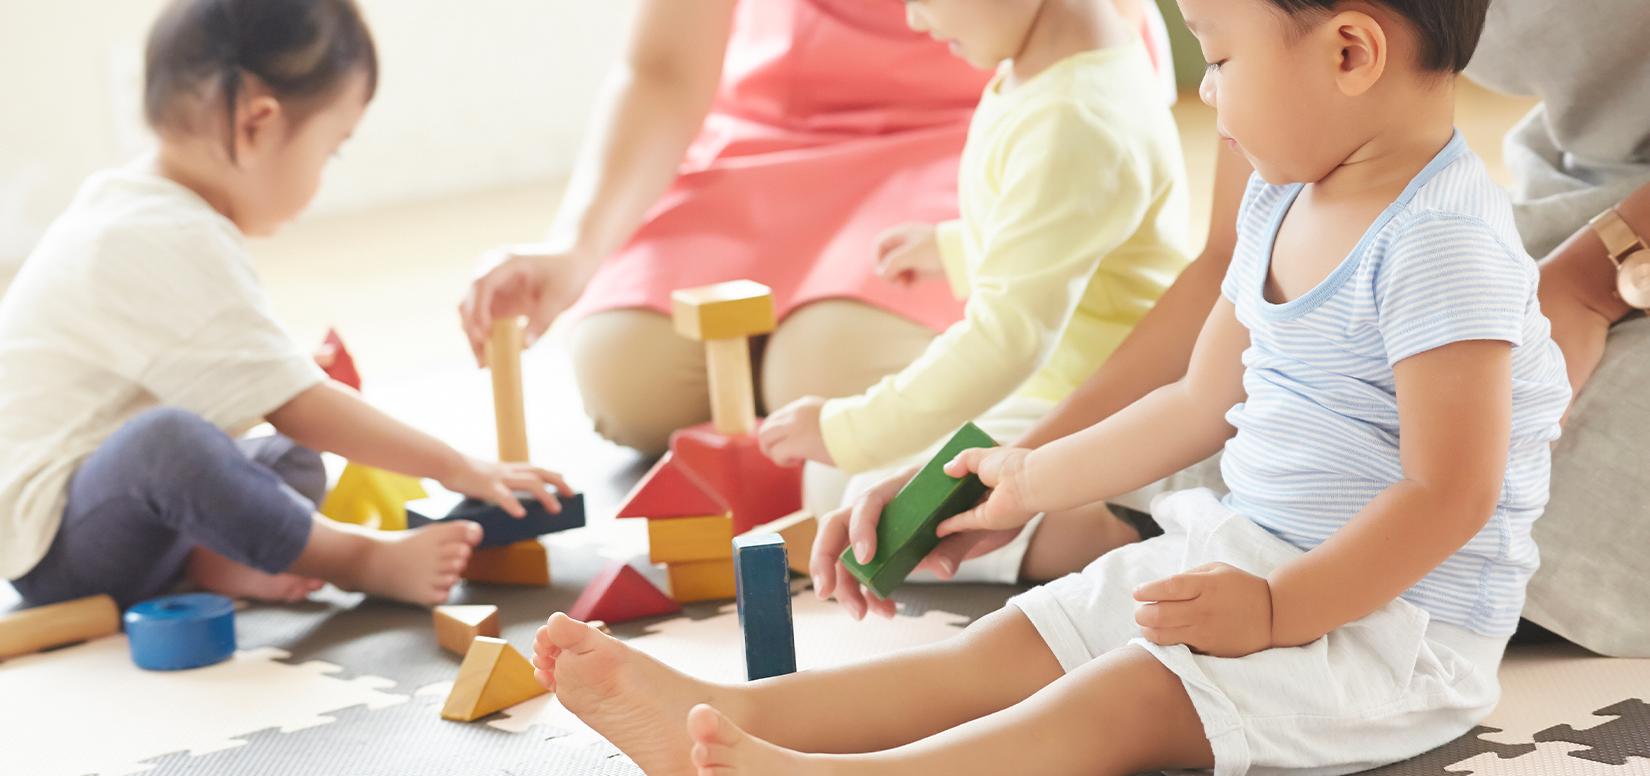 児童発達支援事業 STELLA KID 鶴ヶ峰教室